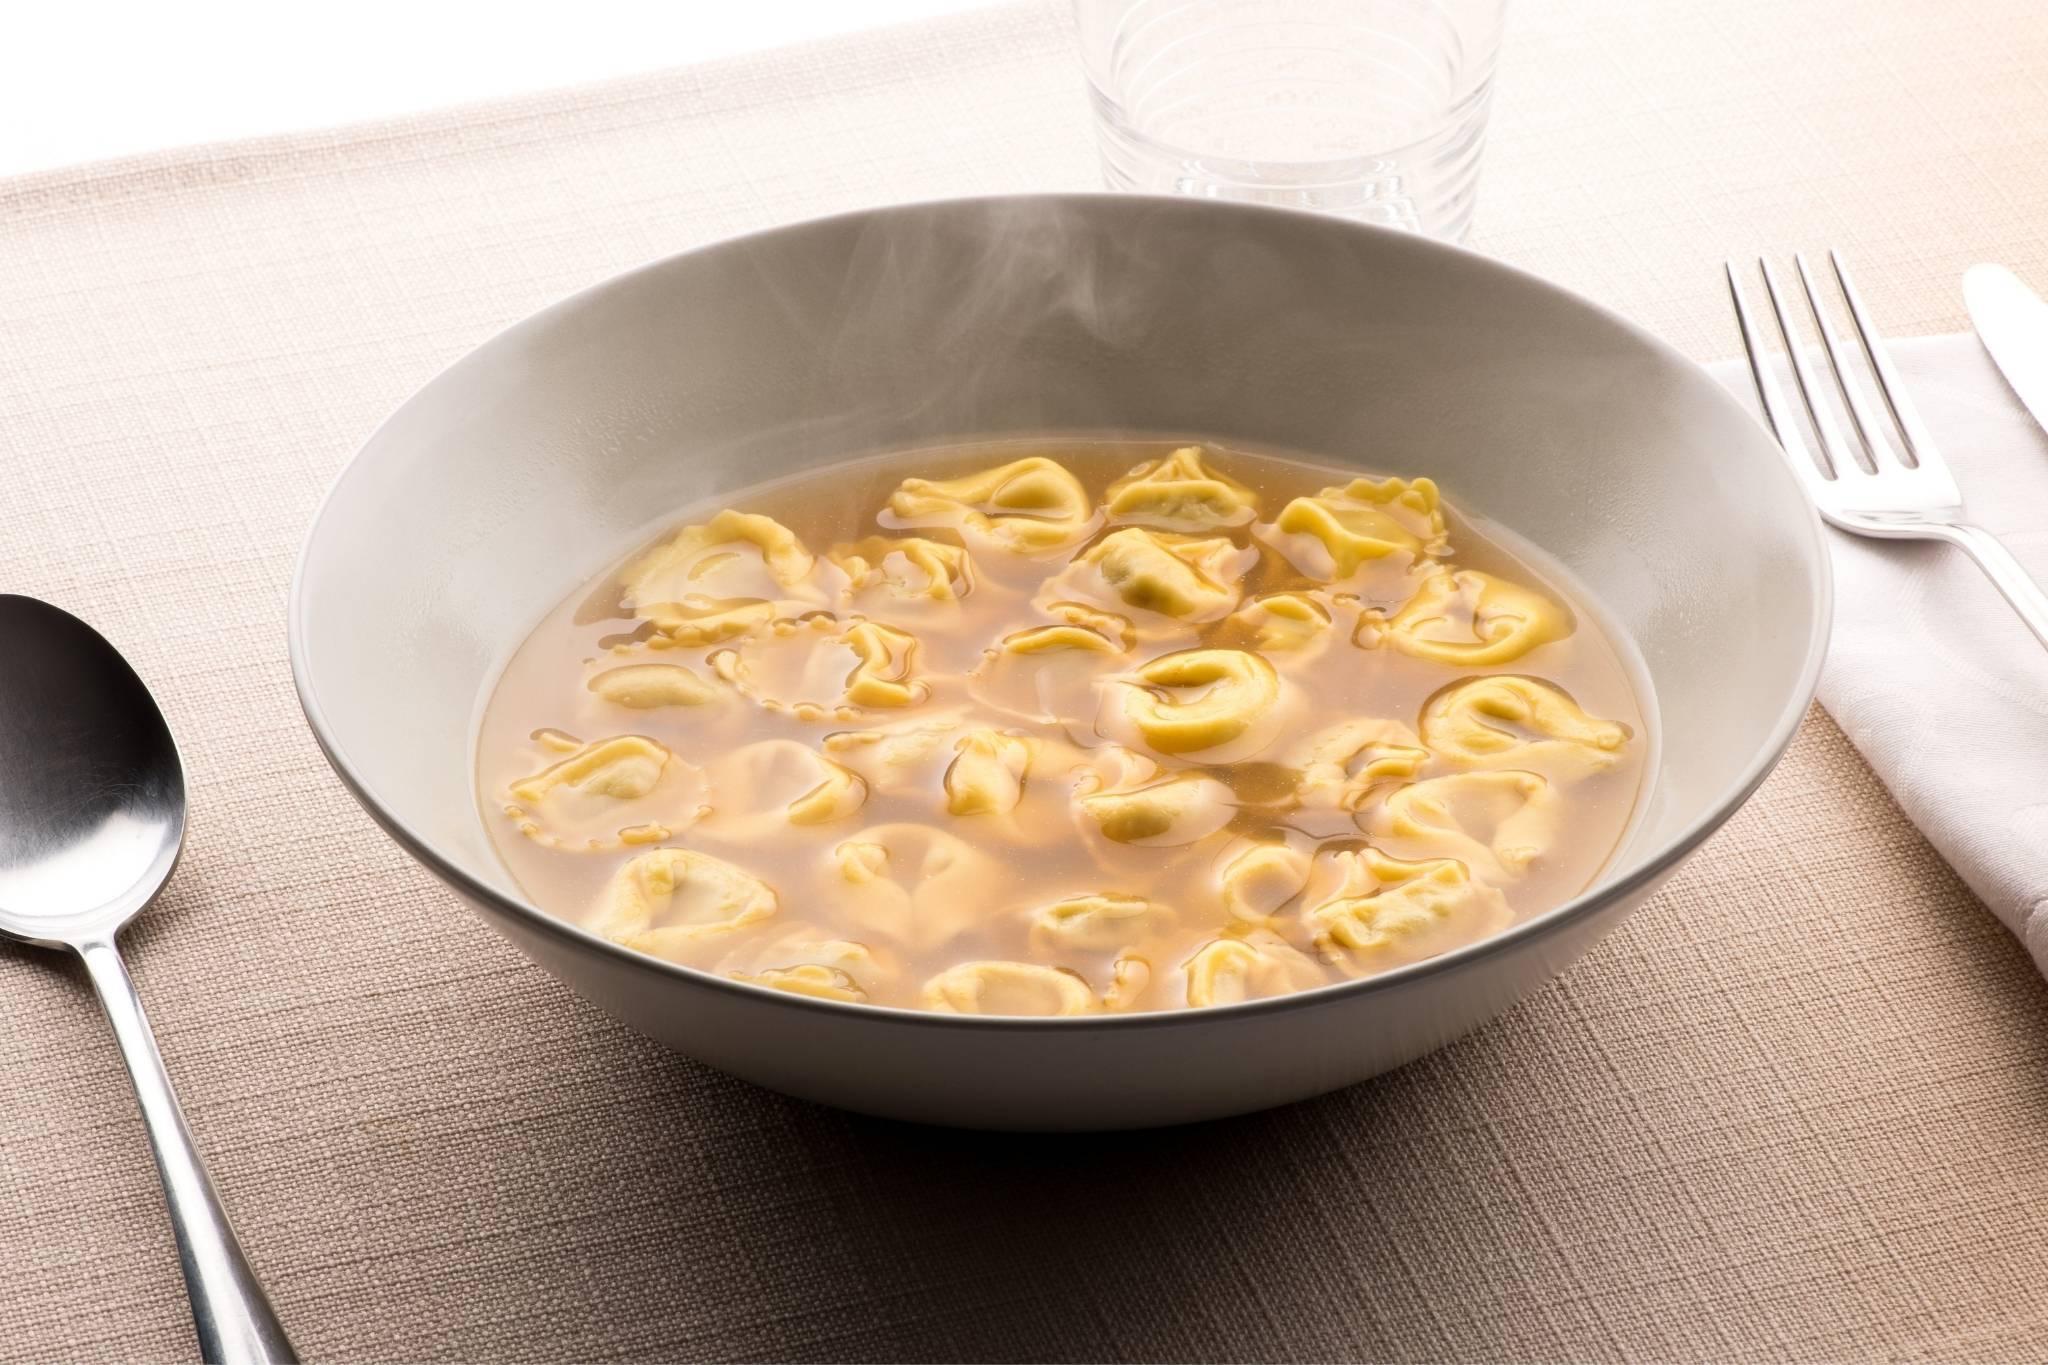 Bowl of tortellini pasta in broth